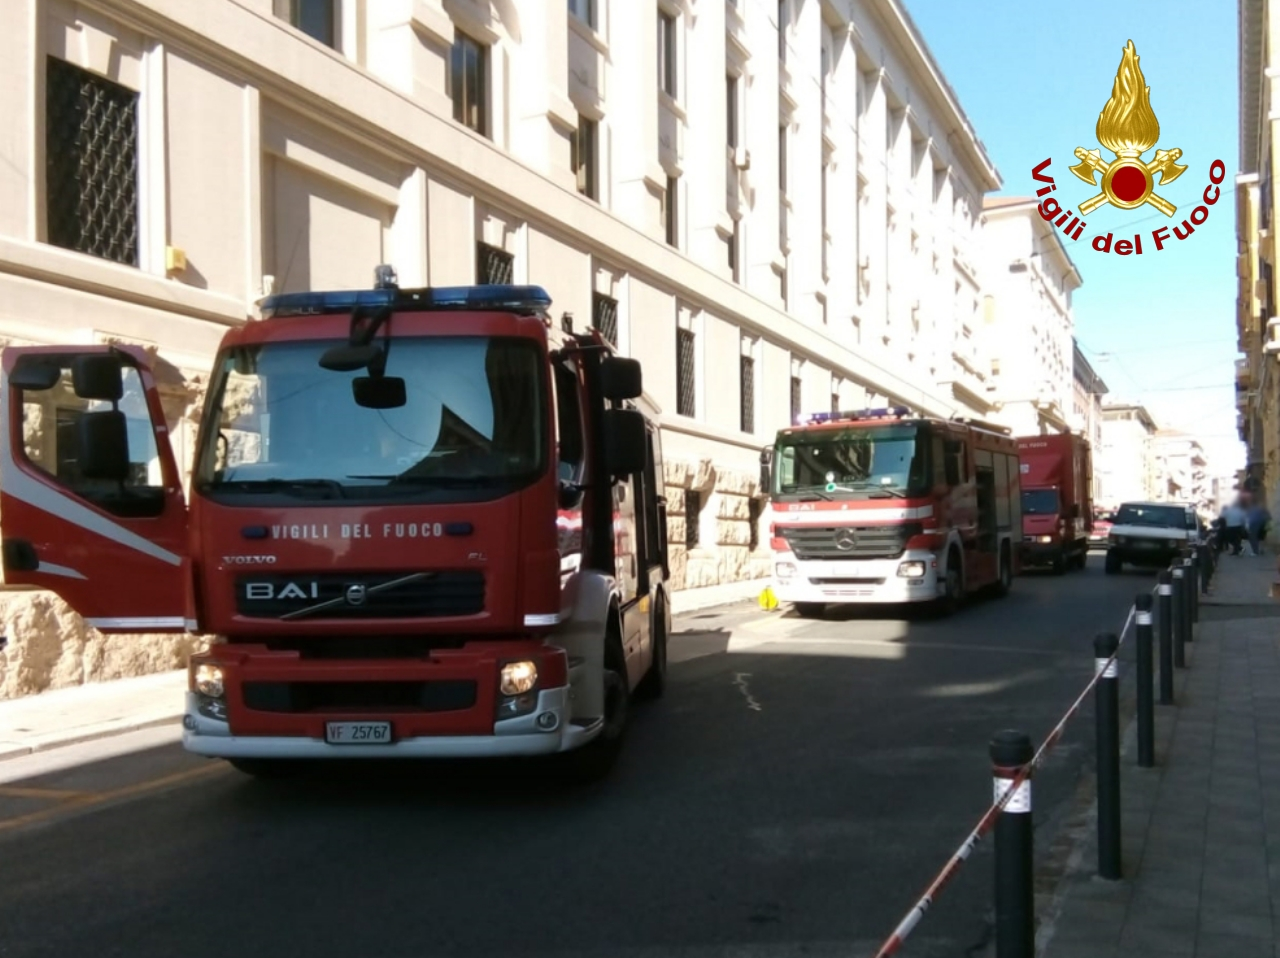 ANCONA incendio palazzo poste vdf2020-06-16 (2) – AltrogiornaleMarche